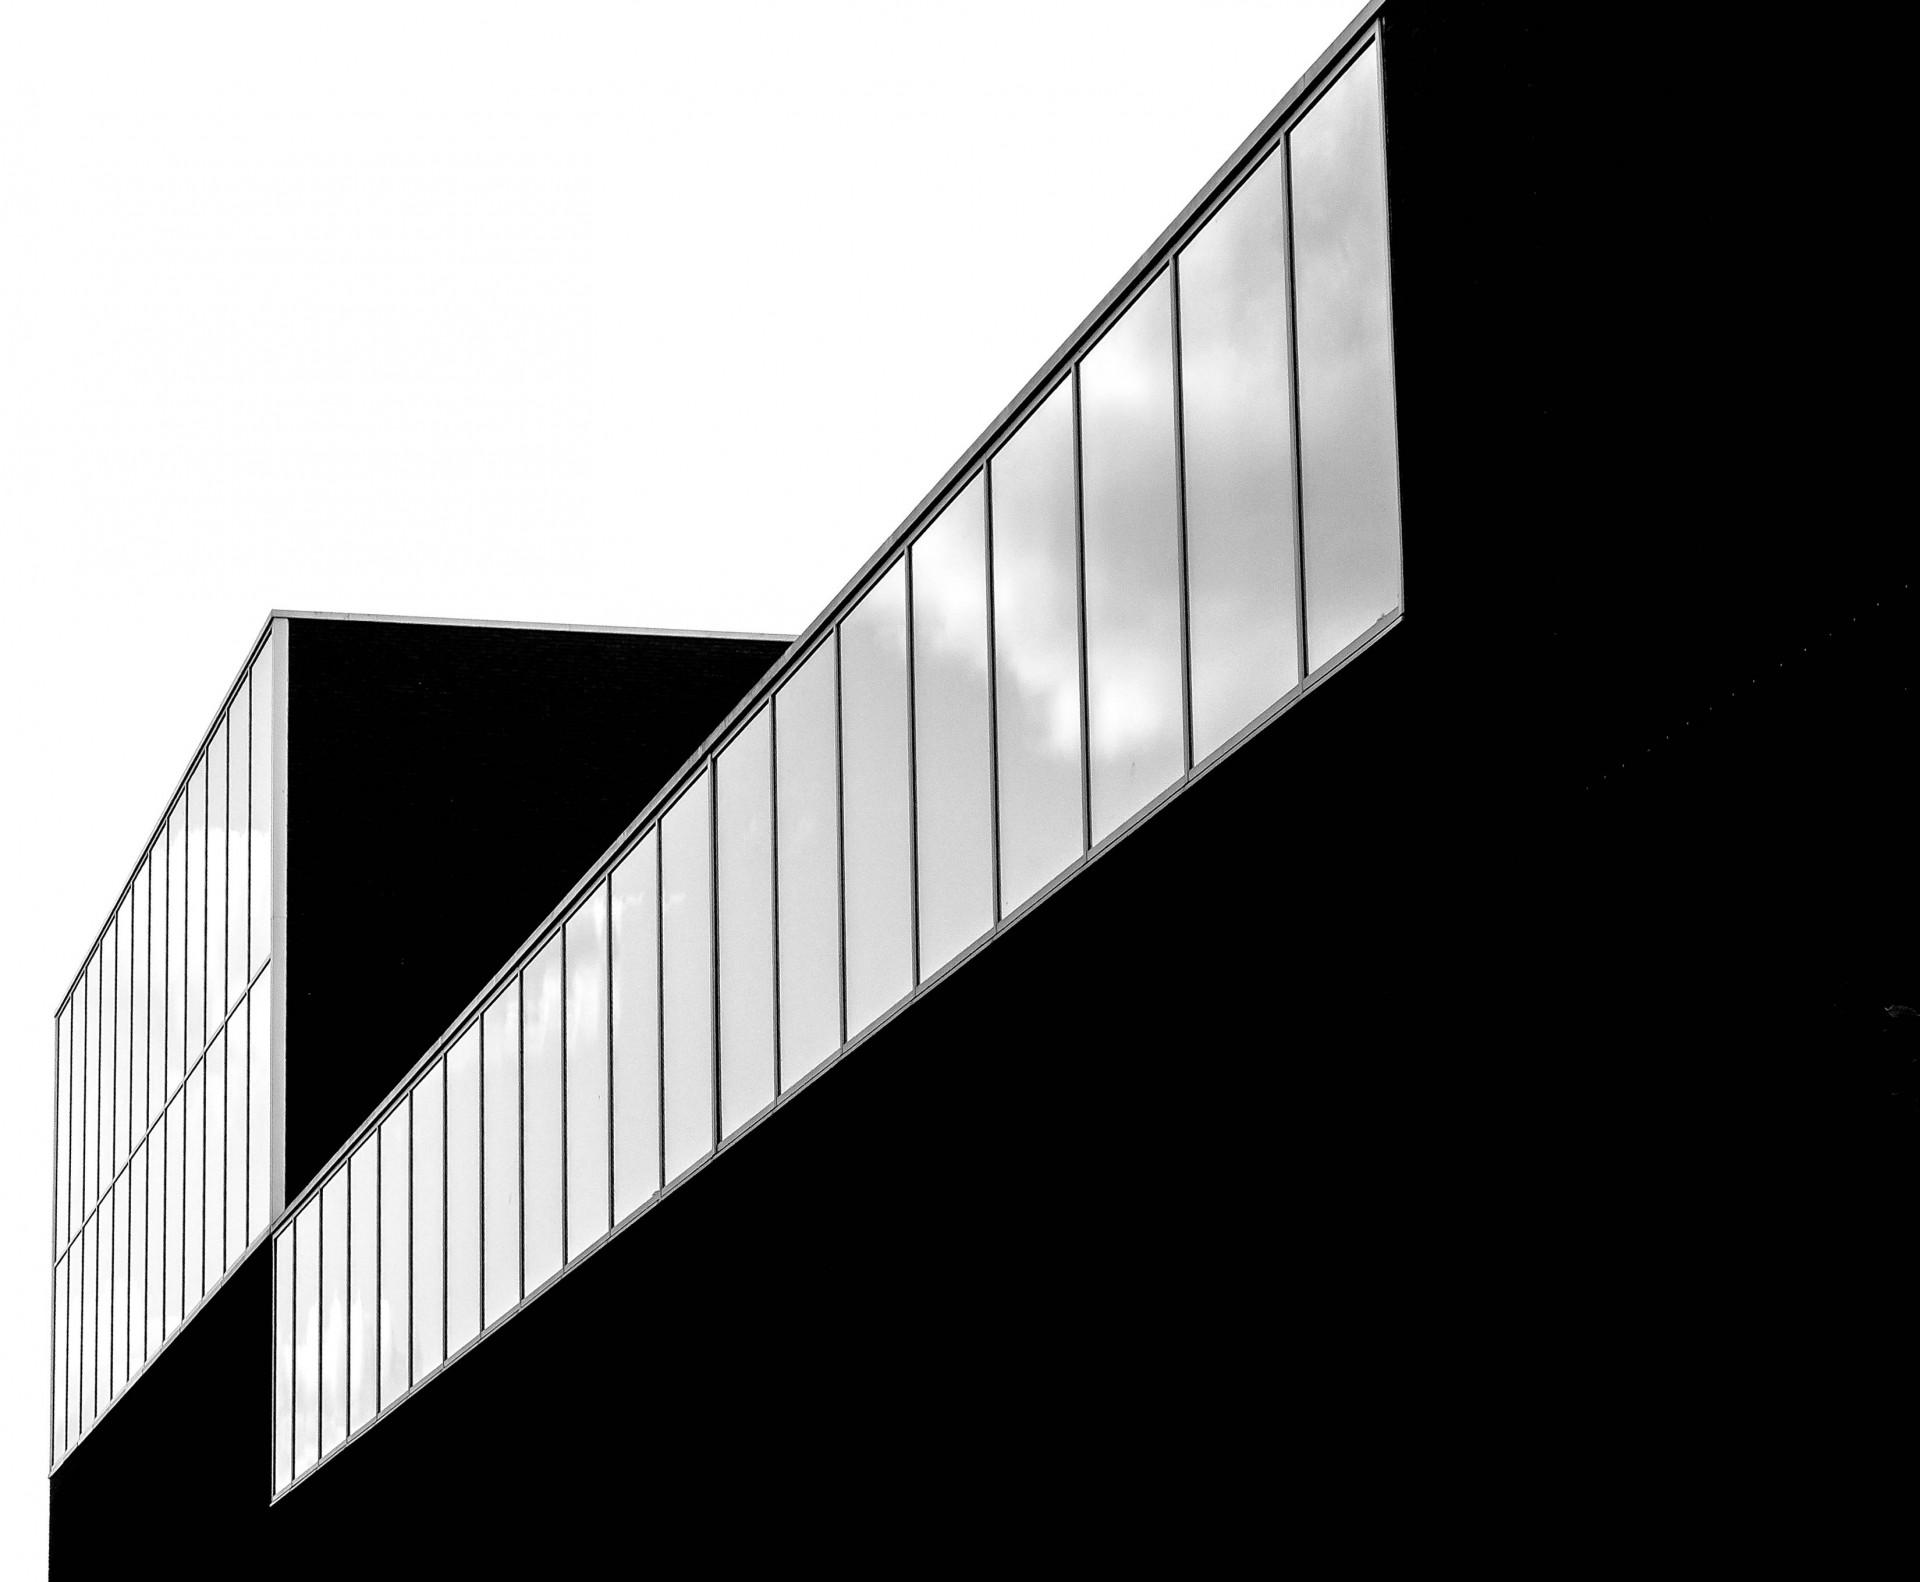 zwarte muur zw wit annie (1 van 1)